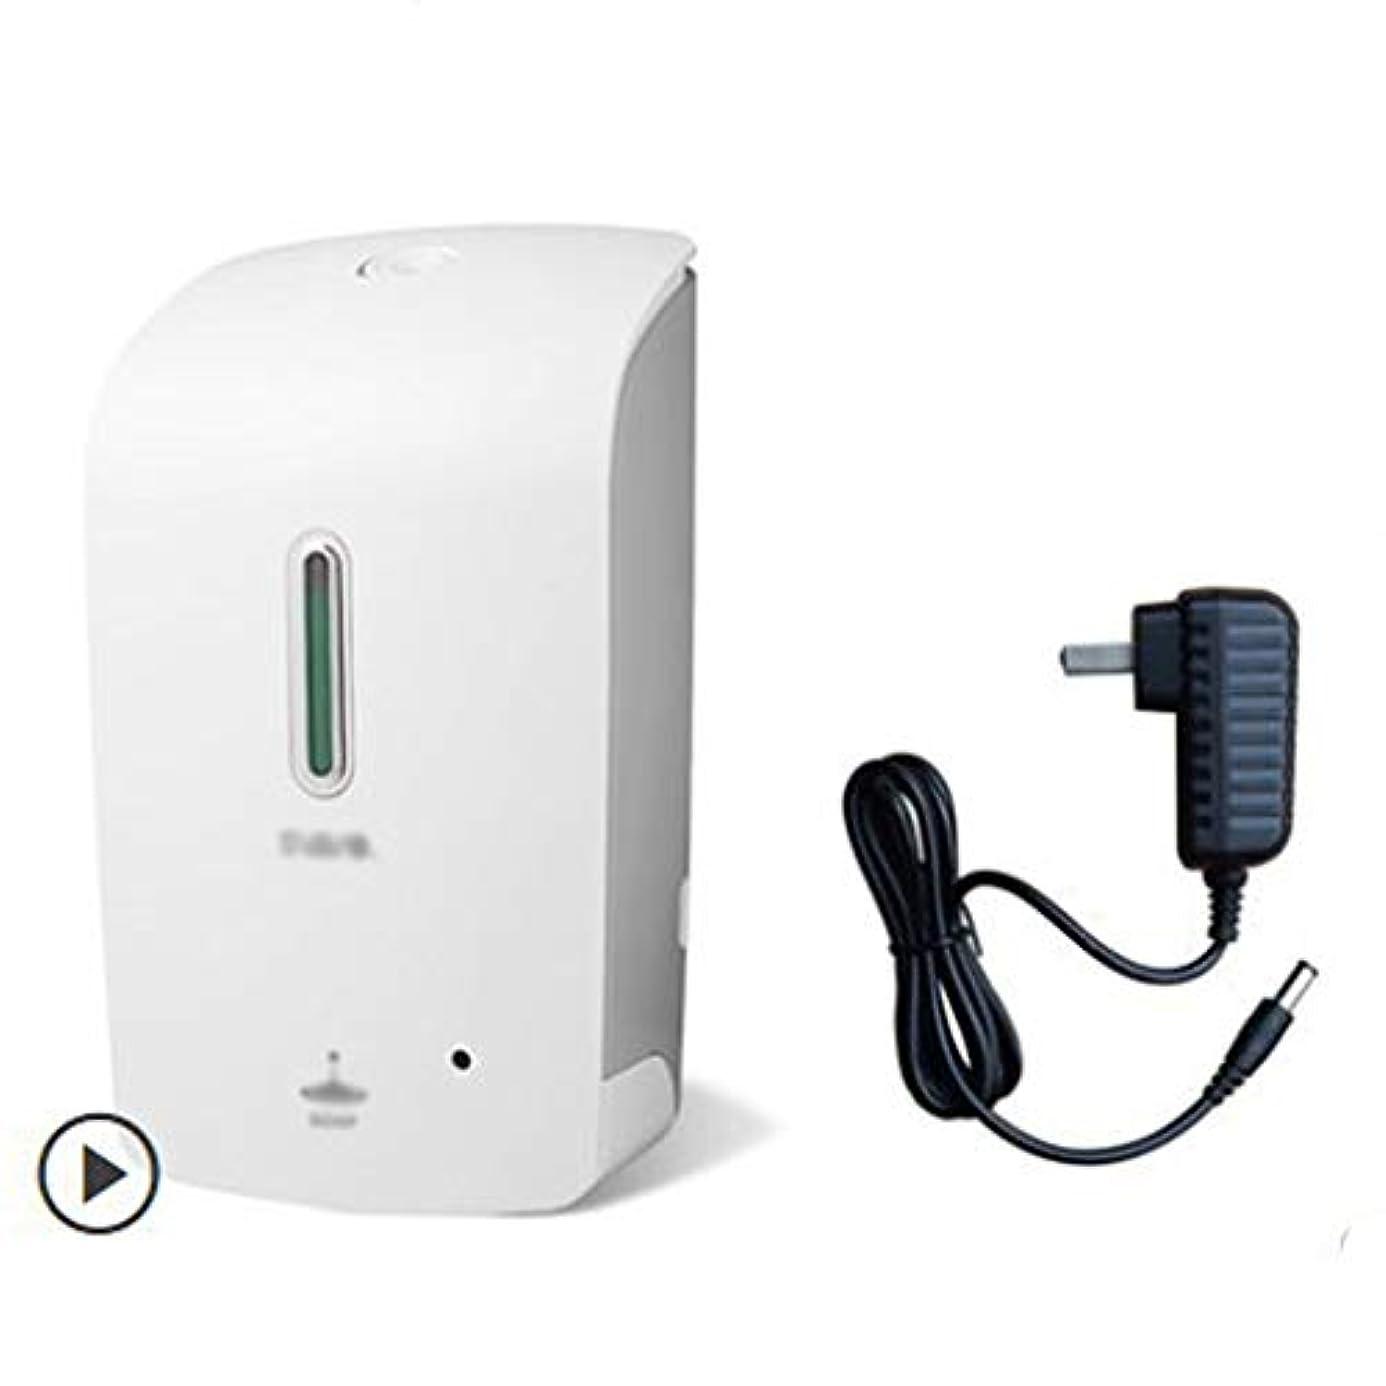 側溝ベル発火するソープディスペンサー ソープディスペンサーを充電1000mlの容量自動センシングソープディスペンサー非接触 ハンドソープ 食器用洗剤 キッチン 洗面所などに適用 (Color : White, Size : One size)